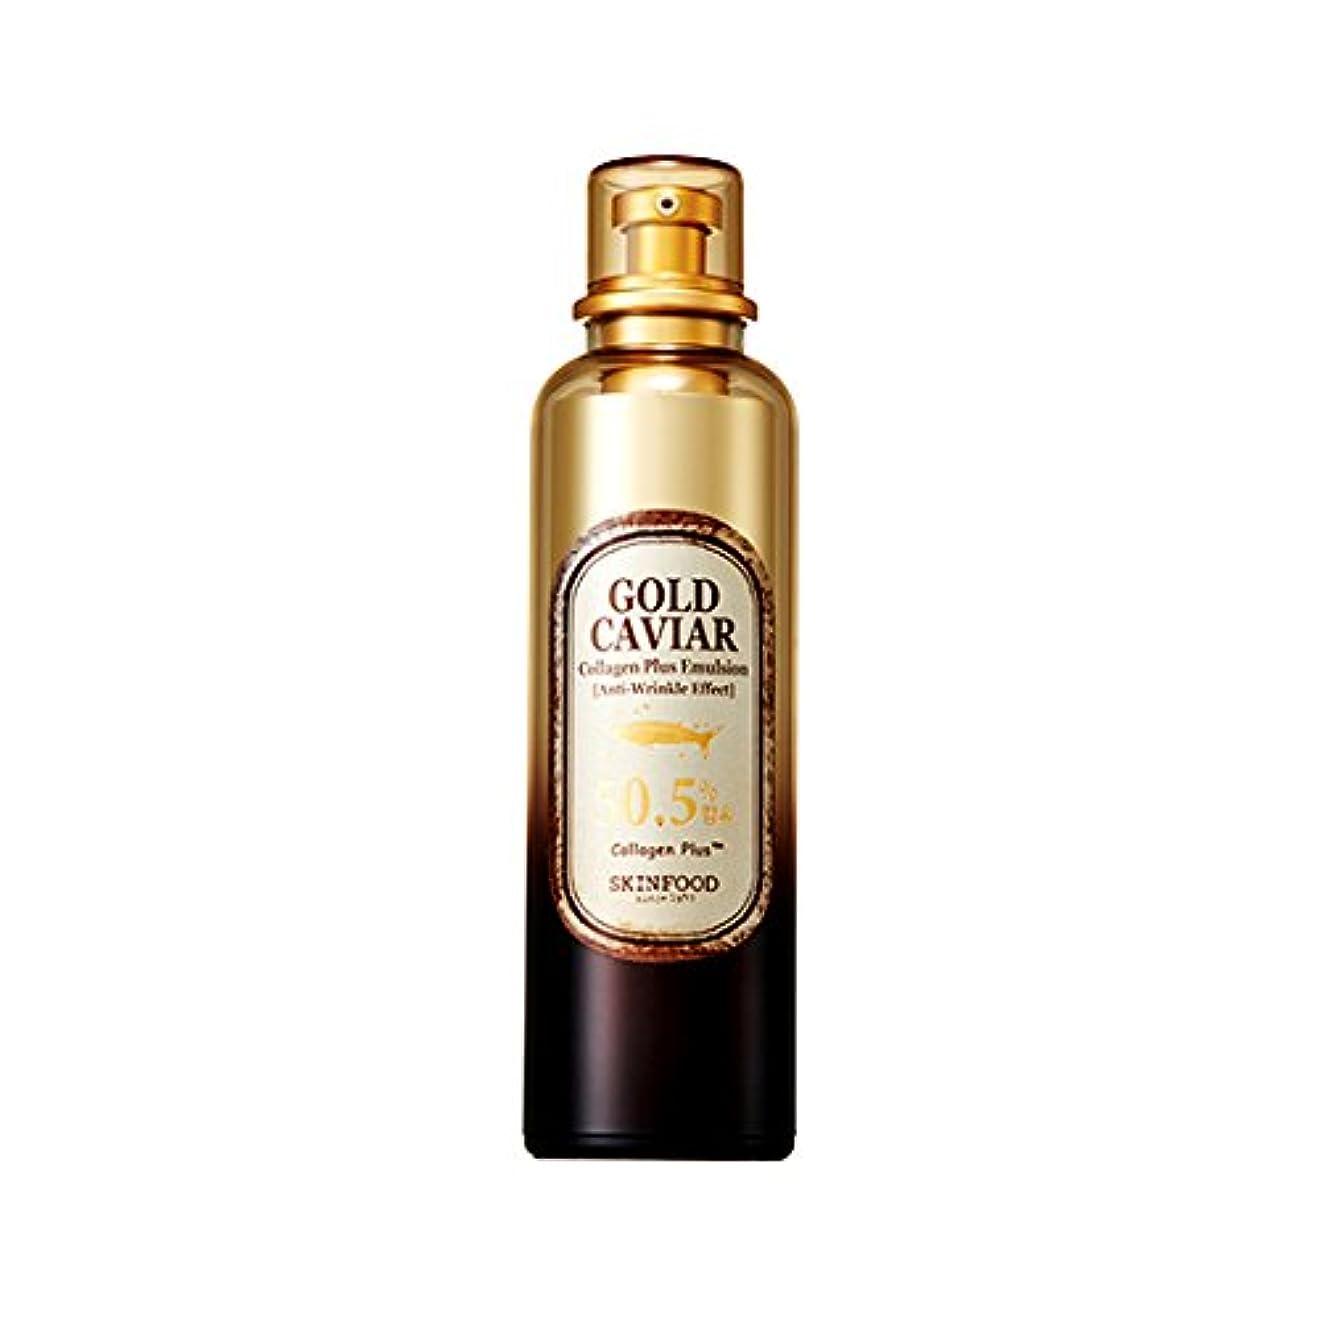 詳細なクリープに負けるSkinfood ゴールドキャビアコラーゲンプラスエマルジョン/Gold Caviar Collagen Plus Emulsion 120ml [並行輸入品]